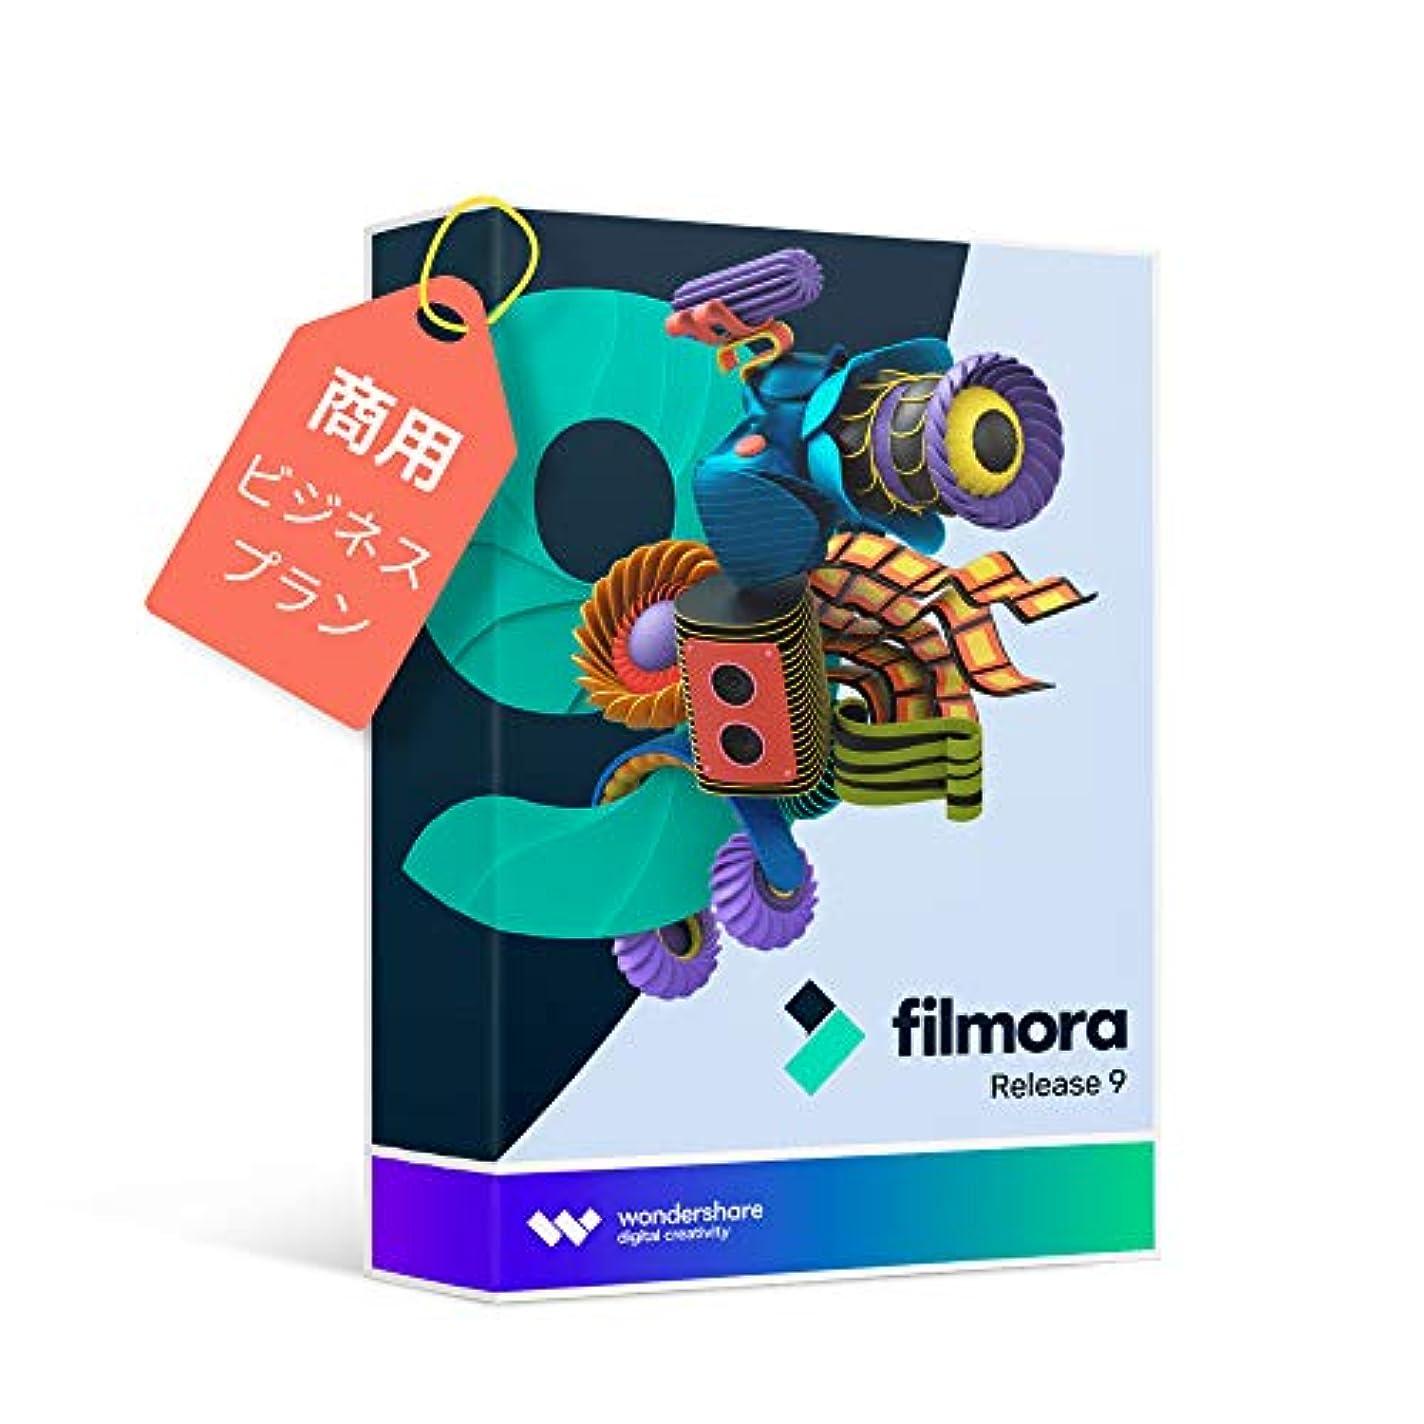 補う排泄物透過性Wondershare Filmora9 ビジネス版(商用ライセンス)(Win版) 次世代動画編集ソフト 収益化可 永久ライセンス ワンダーシェアー